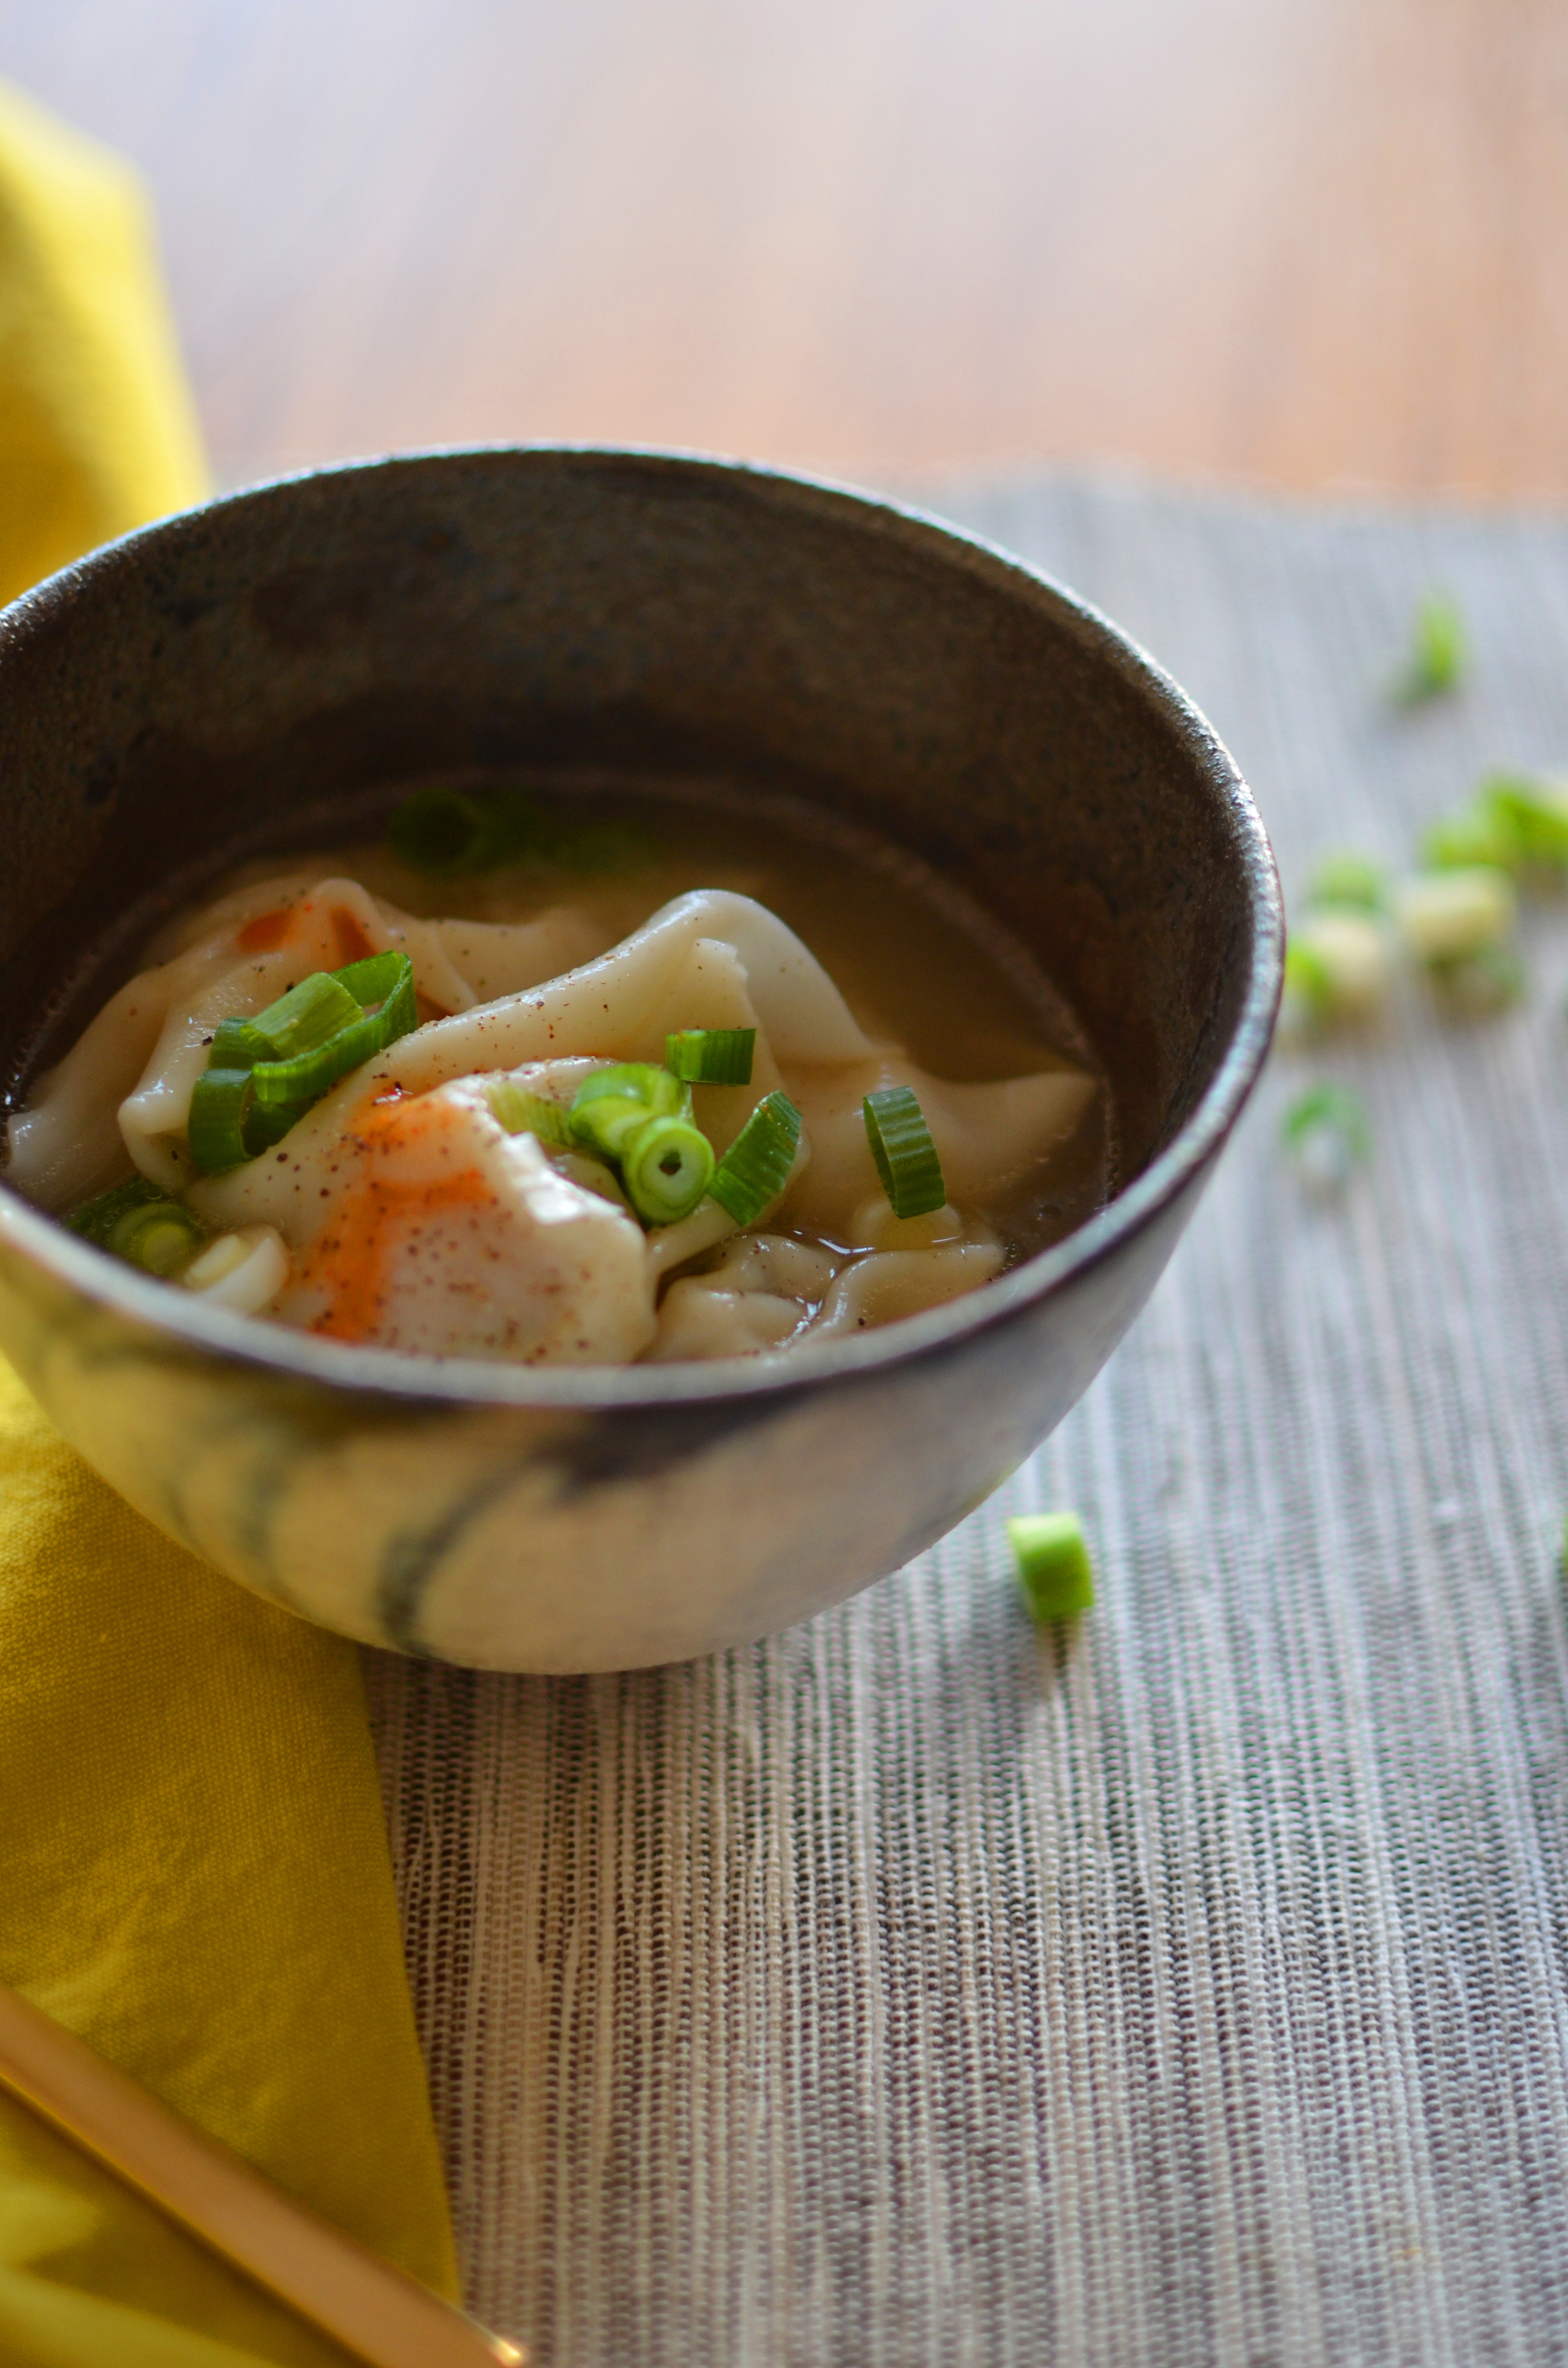 wit + aroma wonton soup